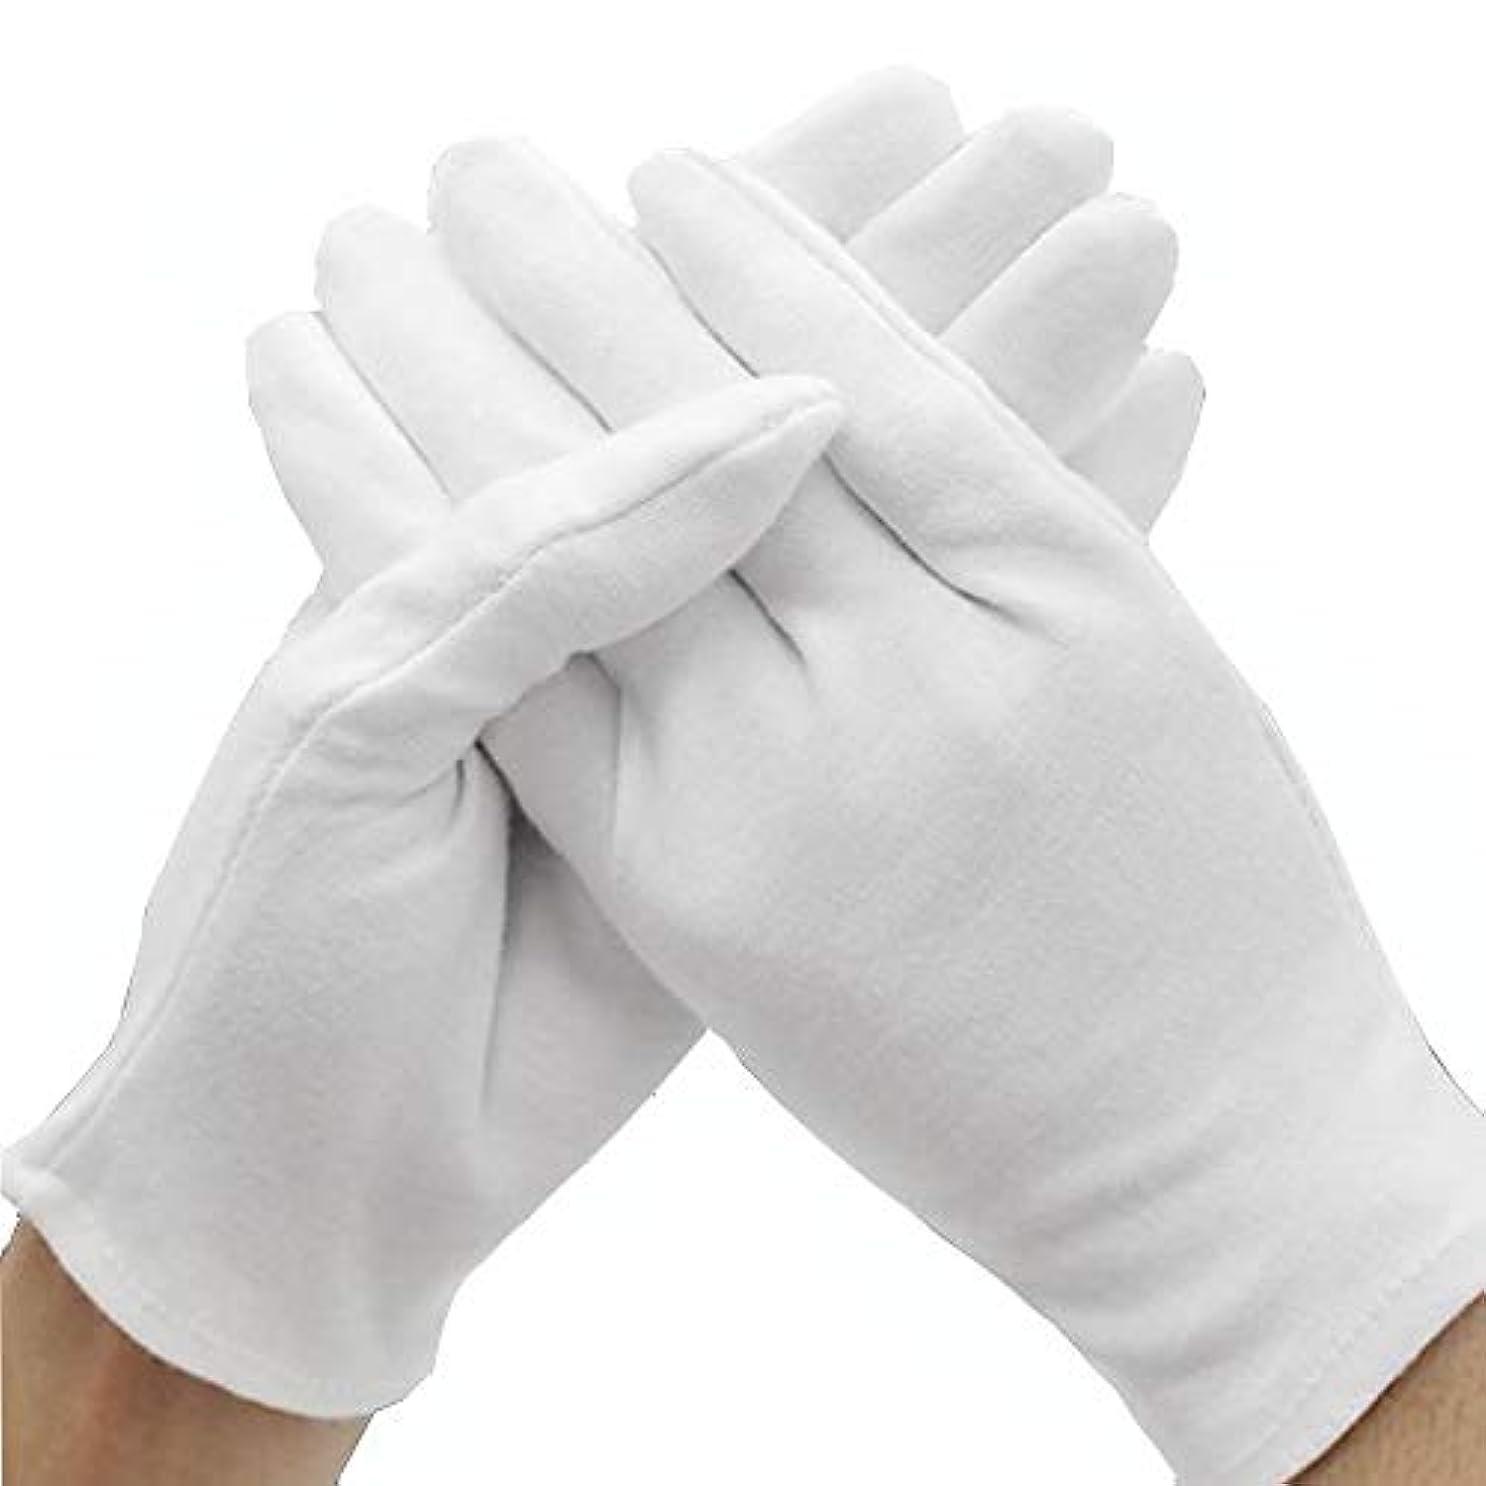 どちらもファウル手がかりLezej インナーコットン手袋 白い手袋 綿手袋 衛生手袋 コットン手袋 ガーデニング用手袋 作業手袋 健康的な手袋 環境保護用手袋(12組) (XL)